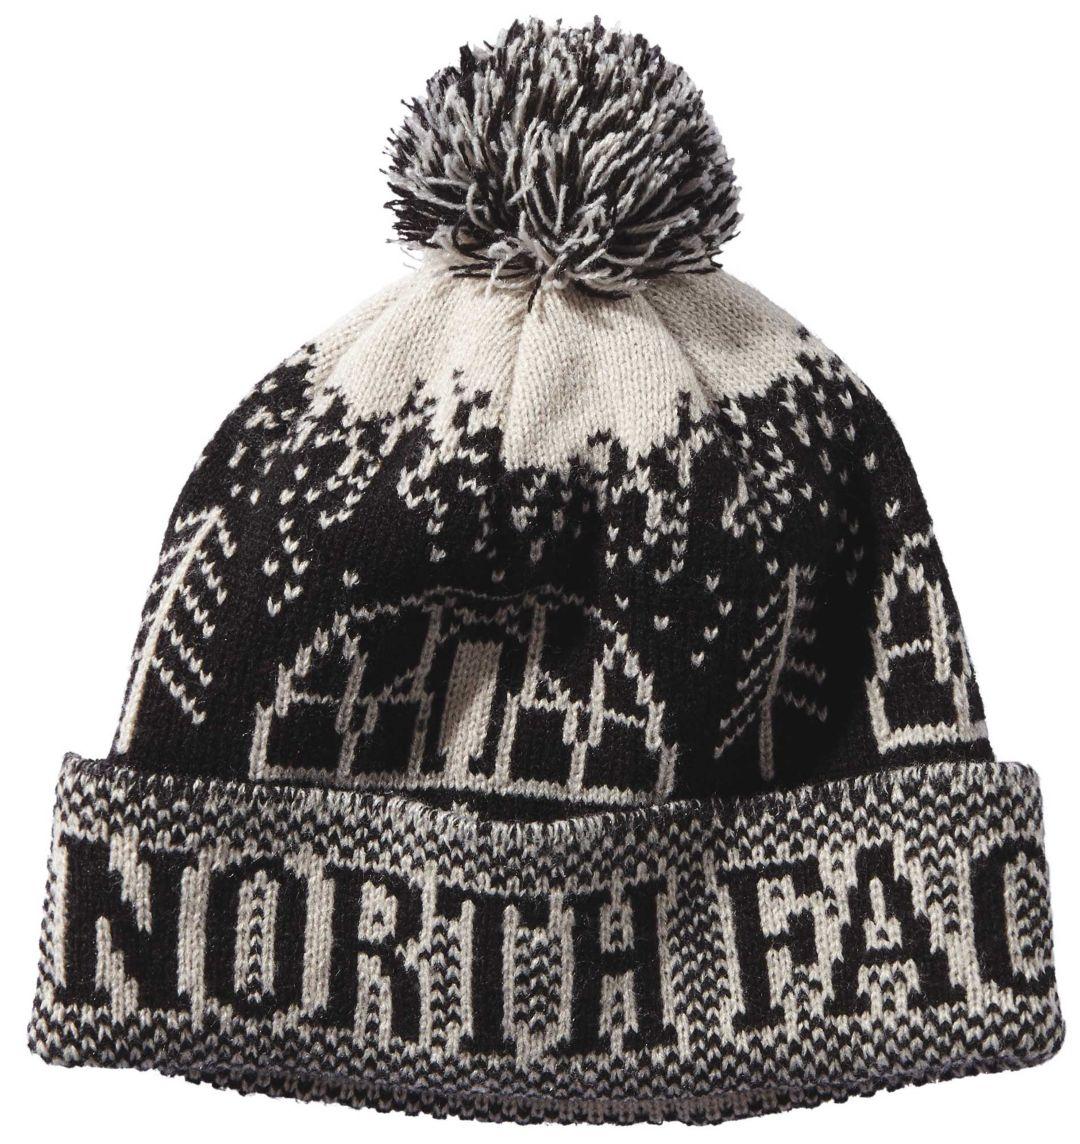 63016e70f The North Face Men's Fair Isle Pom Beanie